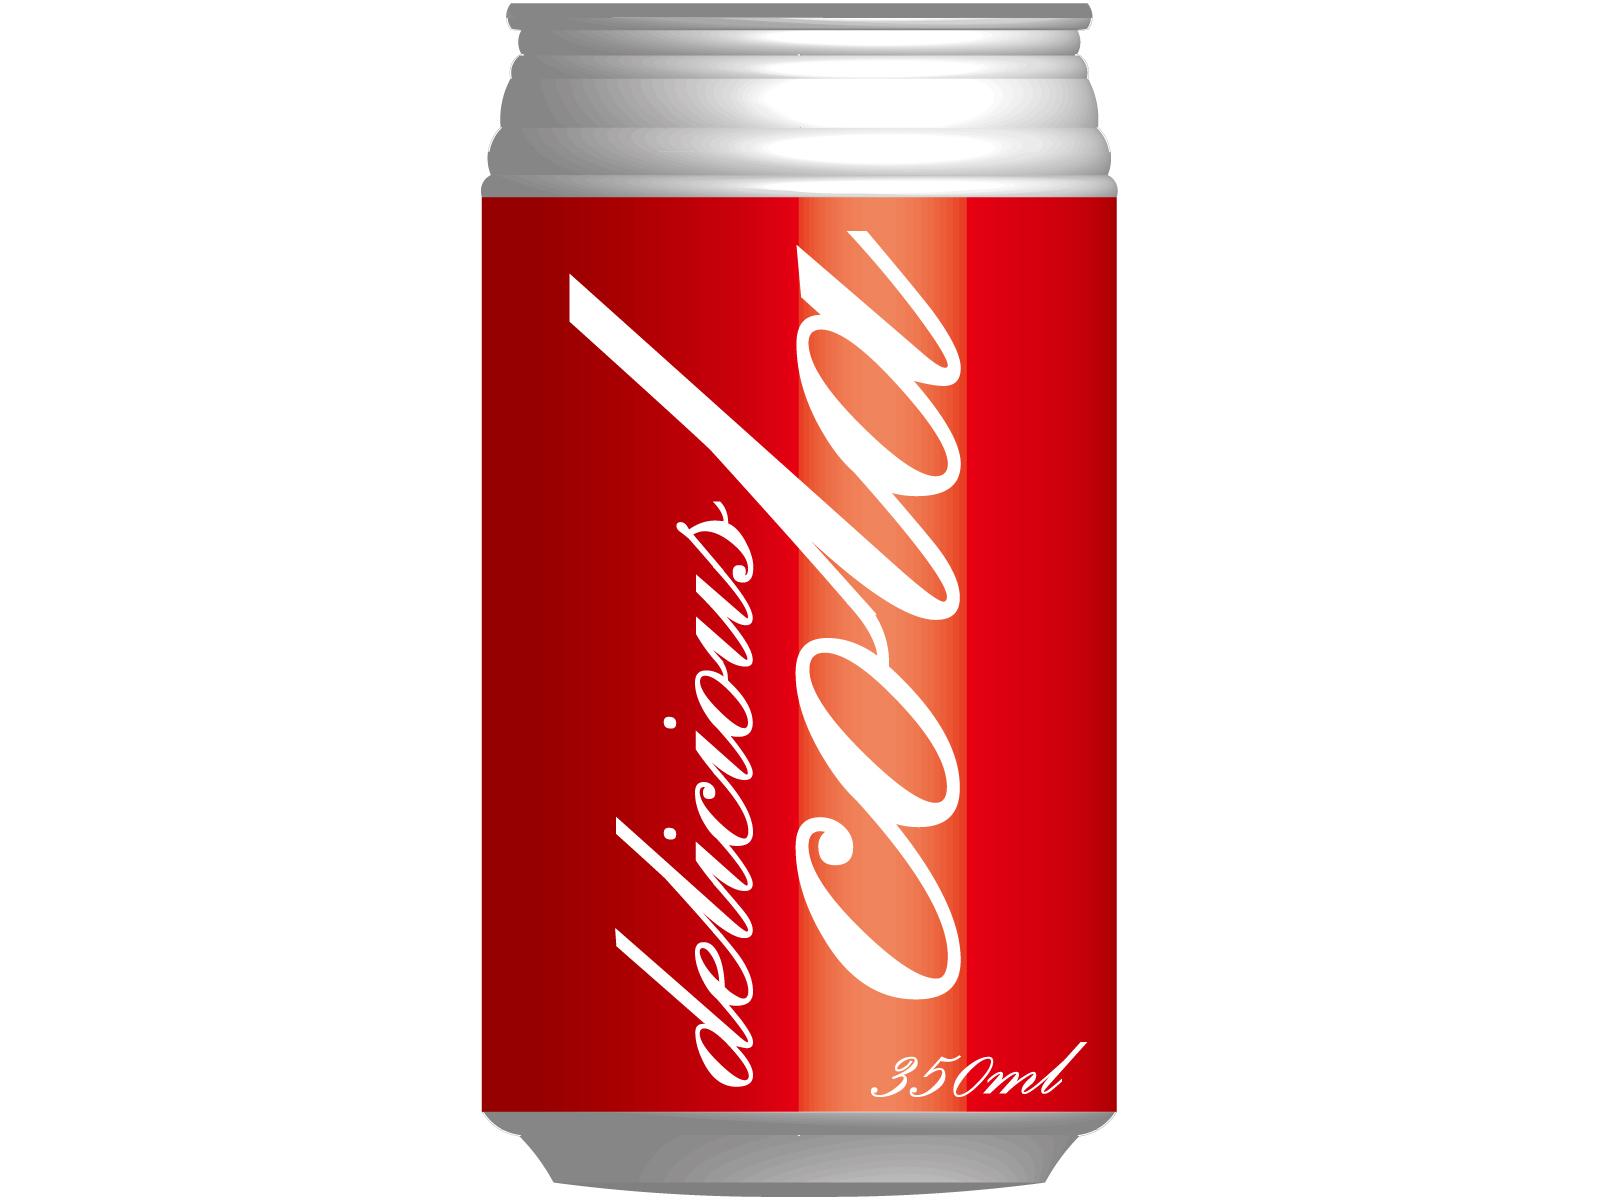 日本コカコーラ株式会社の飲料104種類の糖質を調べました